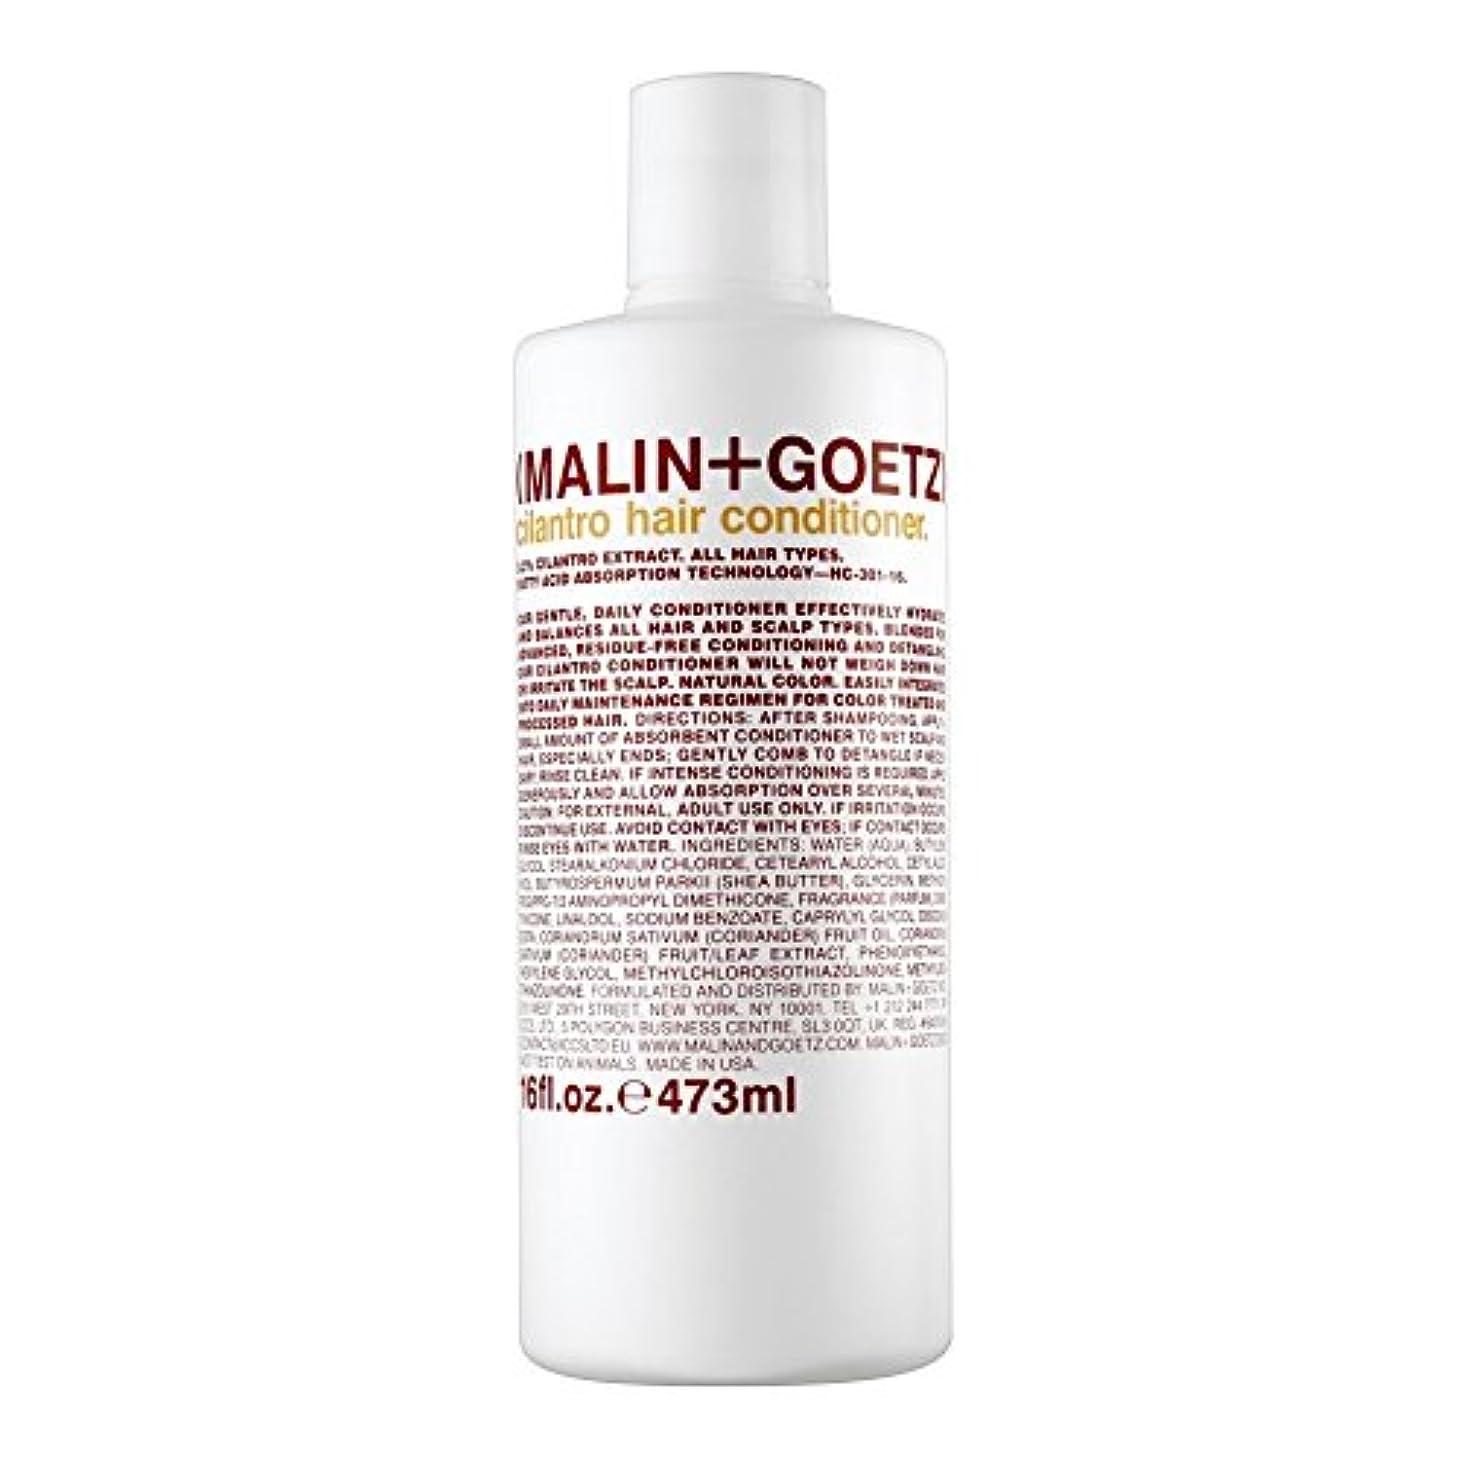 崩壊ラフトピストルMALIN+GOETZ Cilantro Hair Conditioner 473ml (Pack of 6) - マリン+ゲッツコリアンダーのヘアコンディショナー473ミリリットル x6 [並行輸入品]